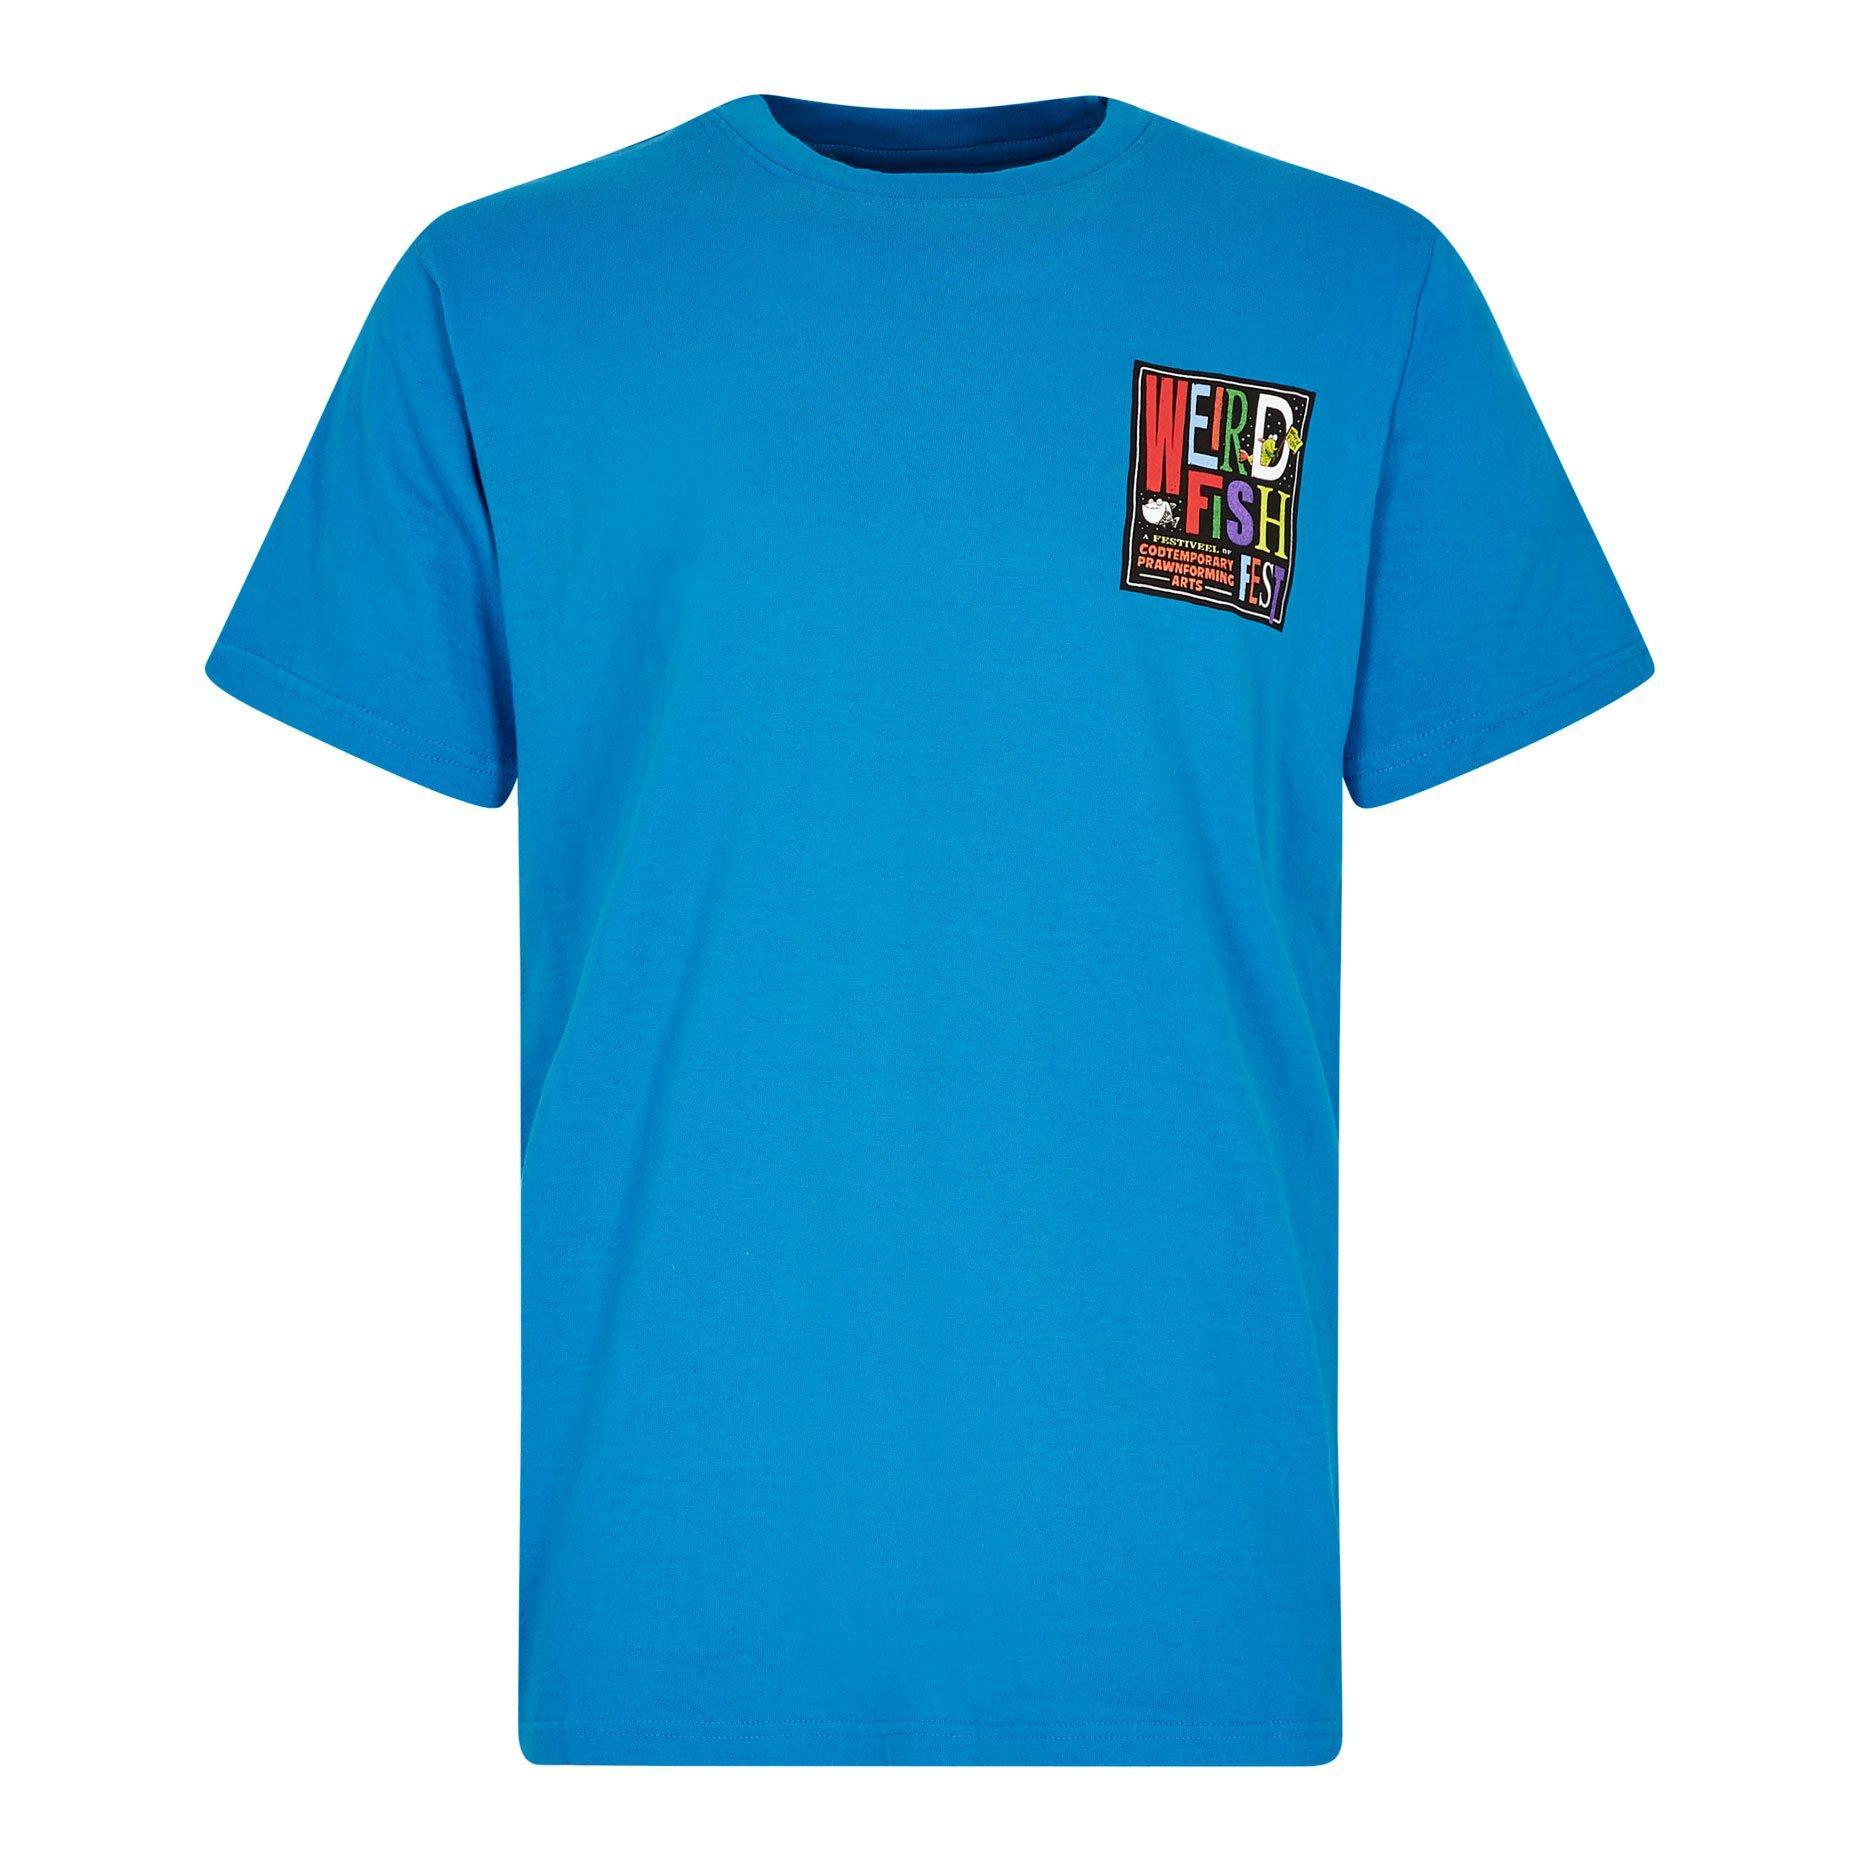 New Weird Fish Men's Clam Art Short Sleeve T-Shirt